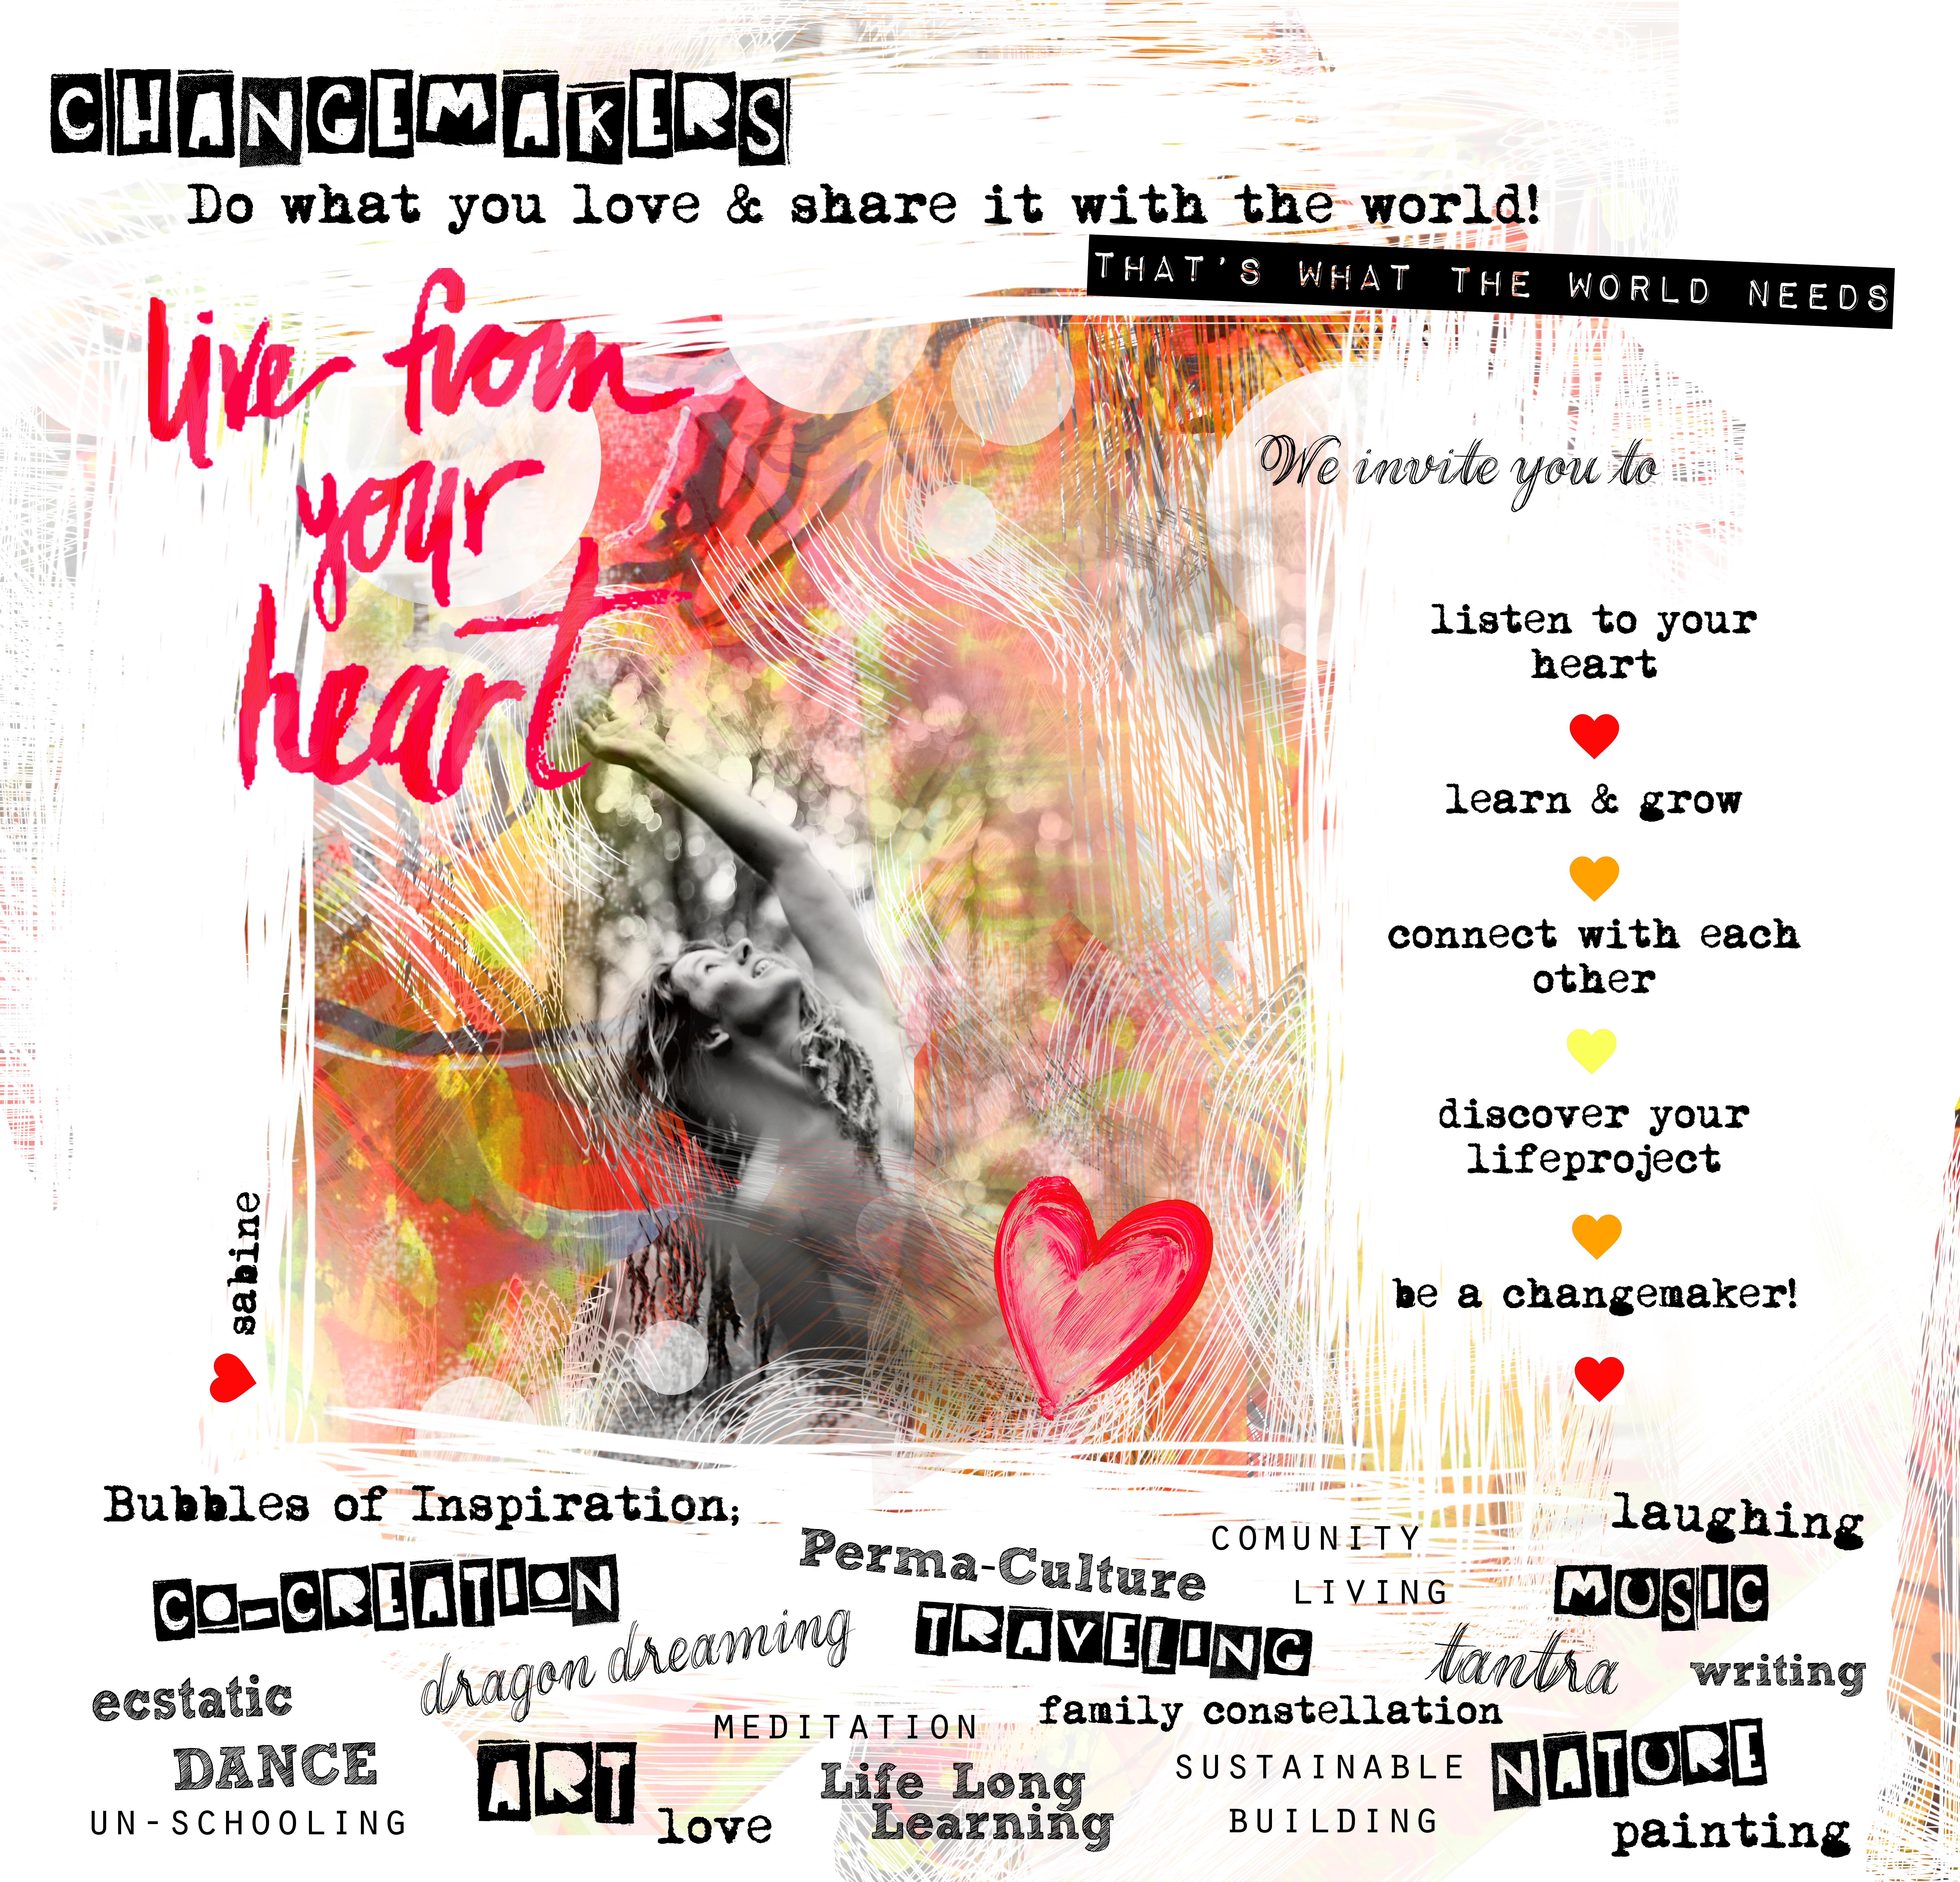 CHANGEMAKER heart